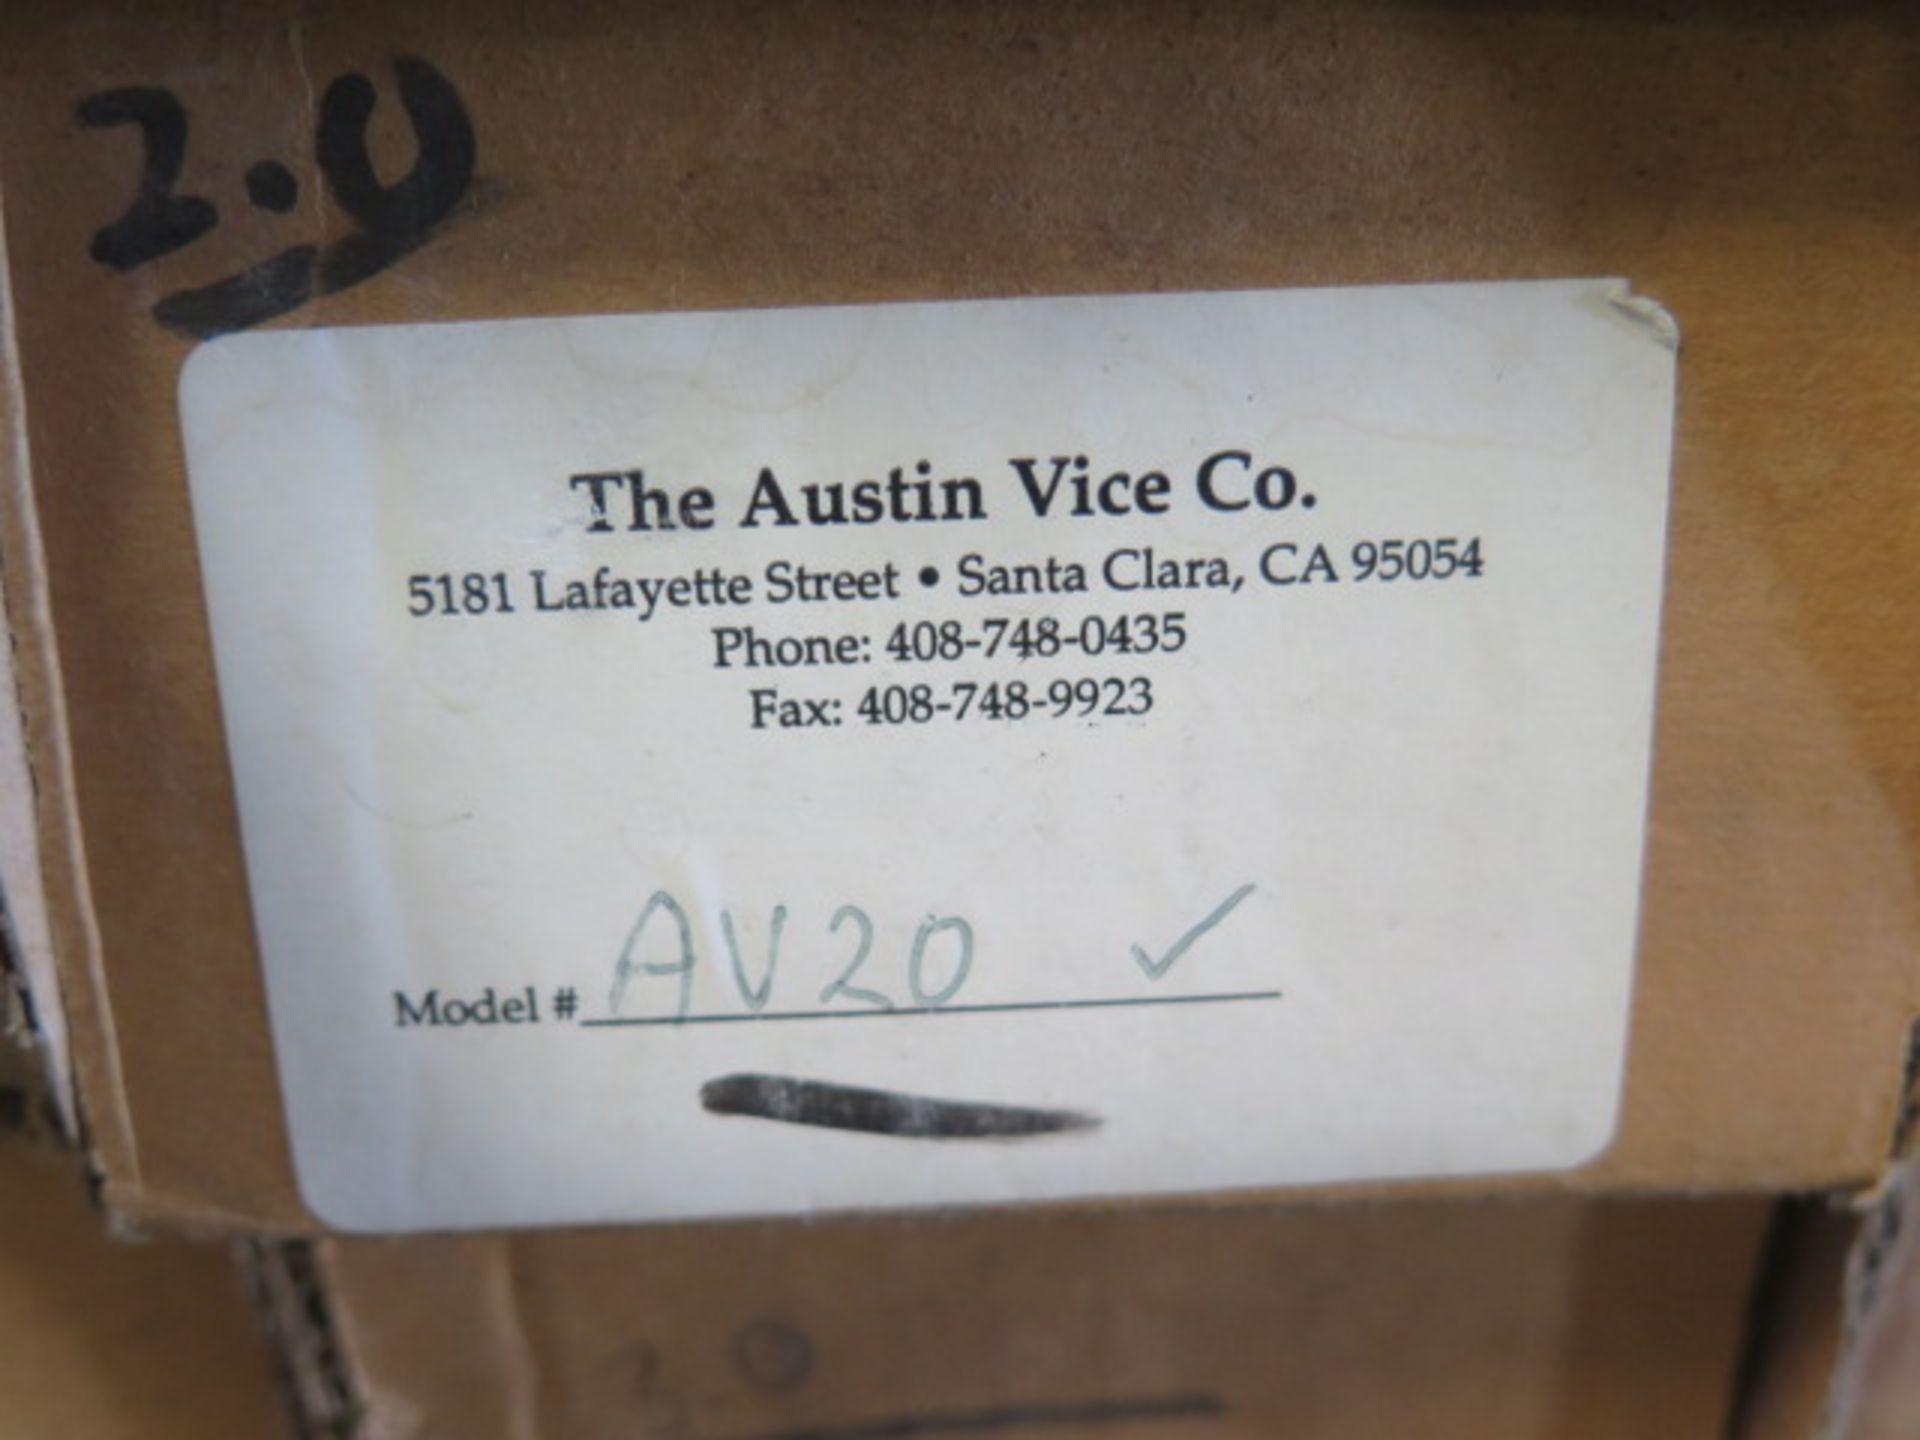 Lot 133 - Austin Vise Co Milling Fixtures (10)